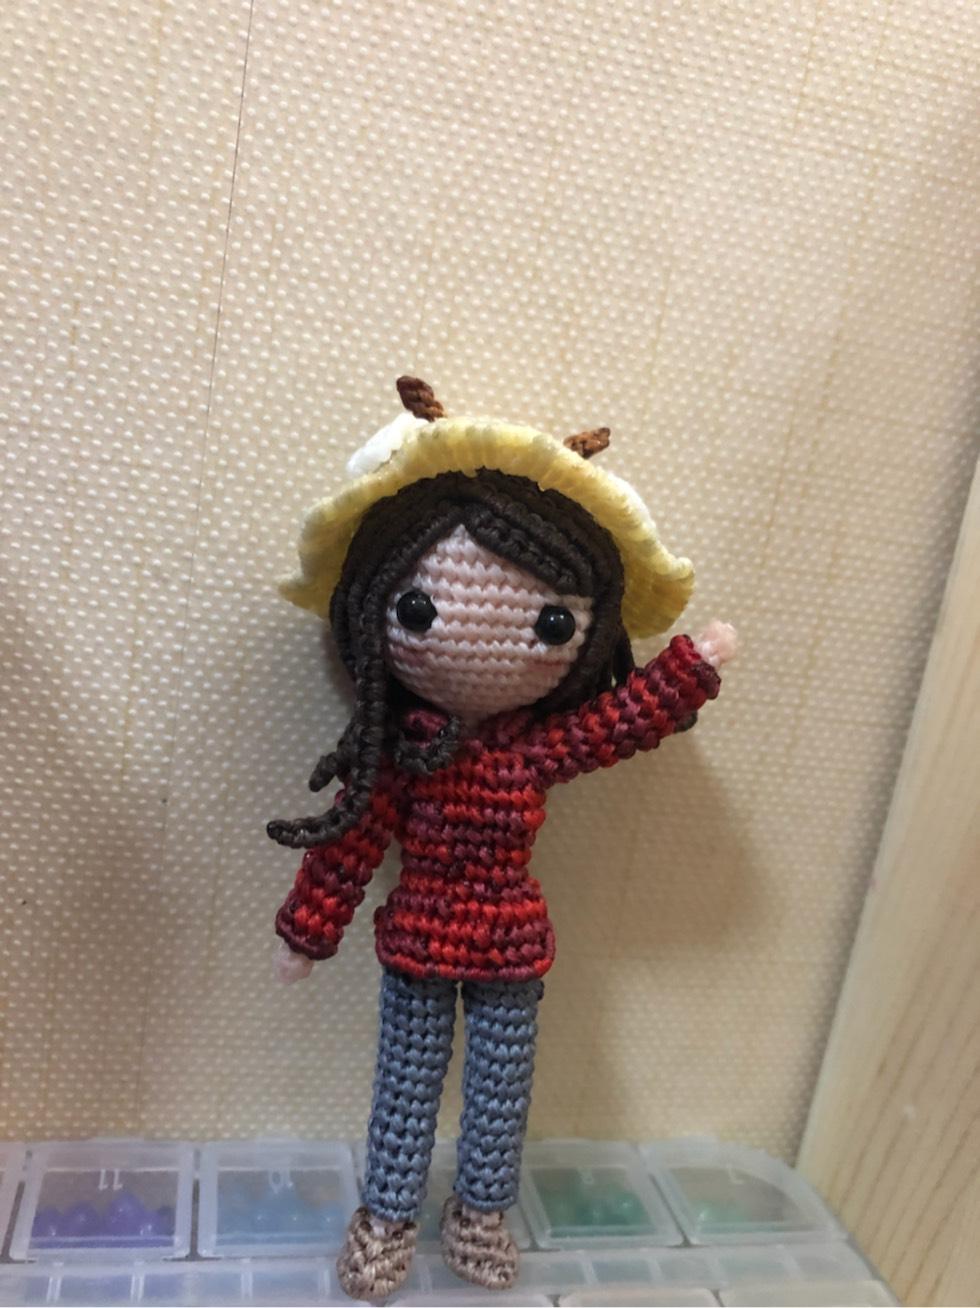 中国结论坛 小羊小姐姐 小羊,小姐,小姐姐,姐姐,小姐姐的照片 作品展示 110336fbke55keix7xikx6